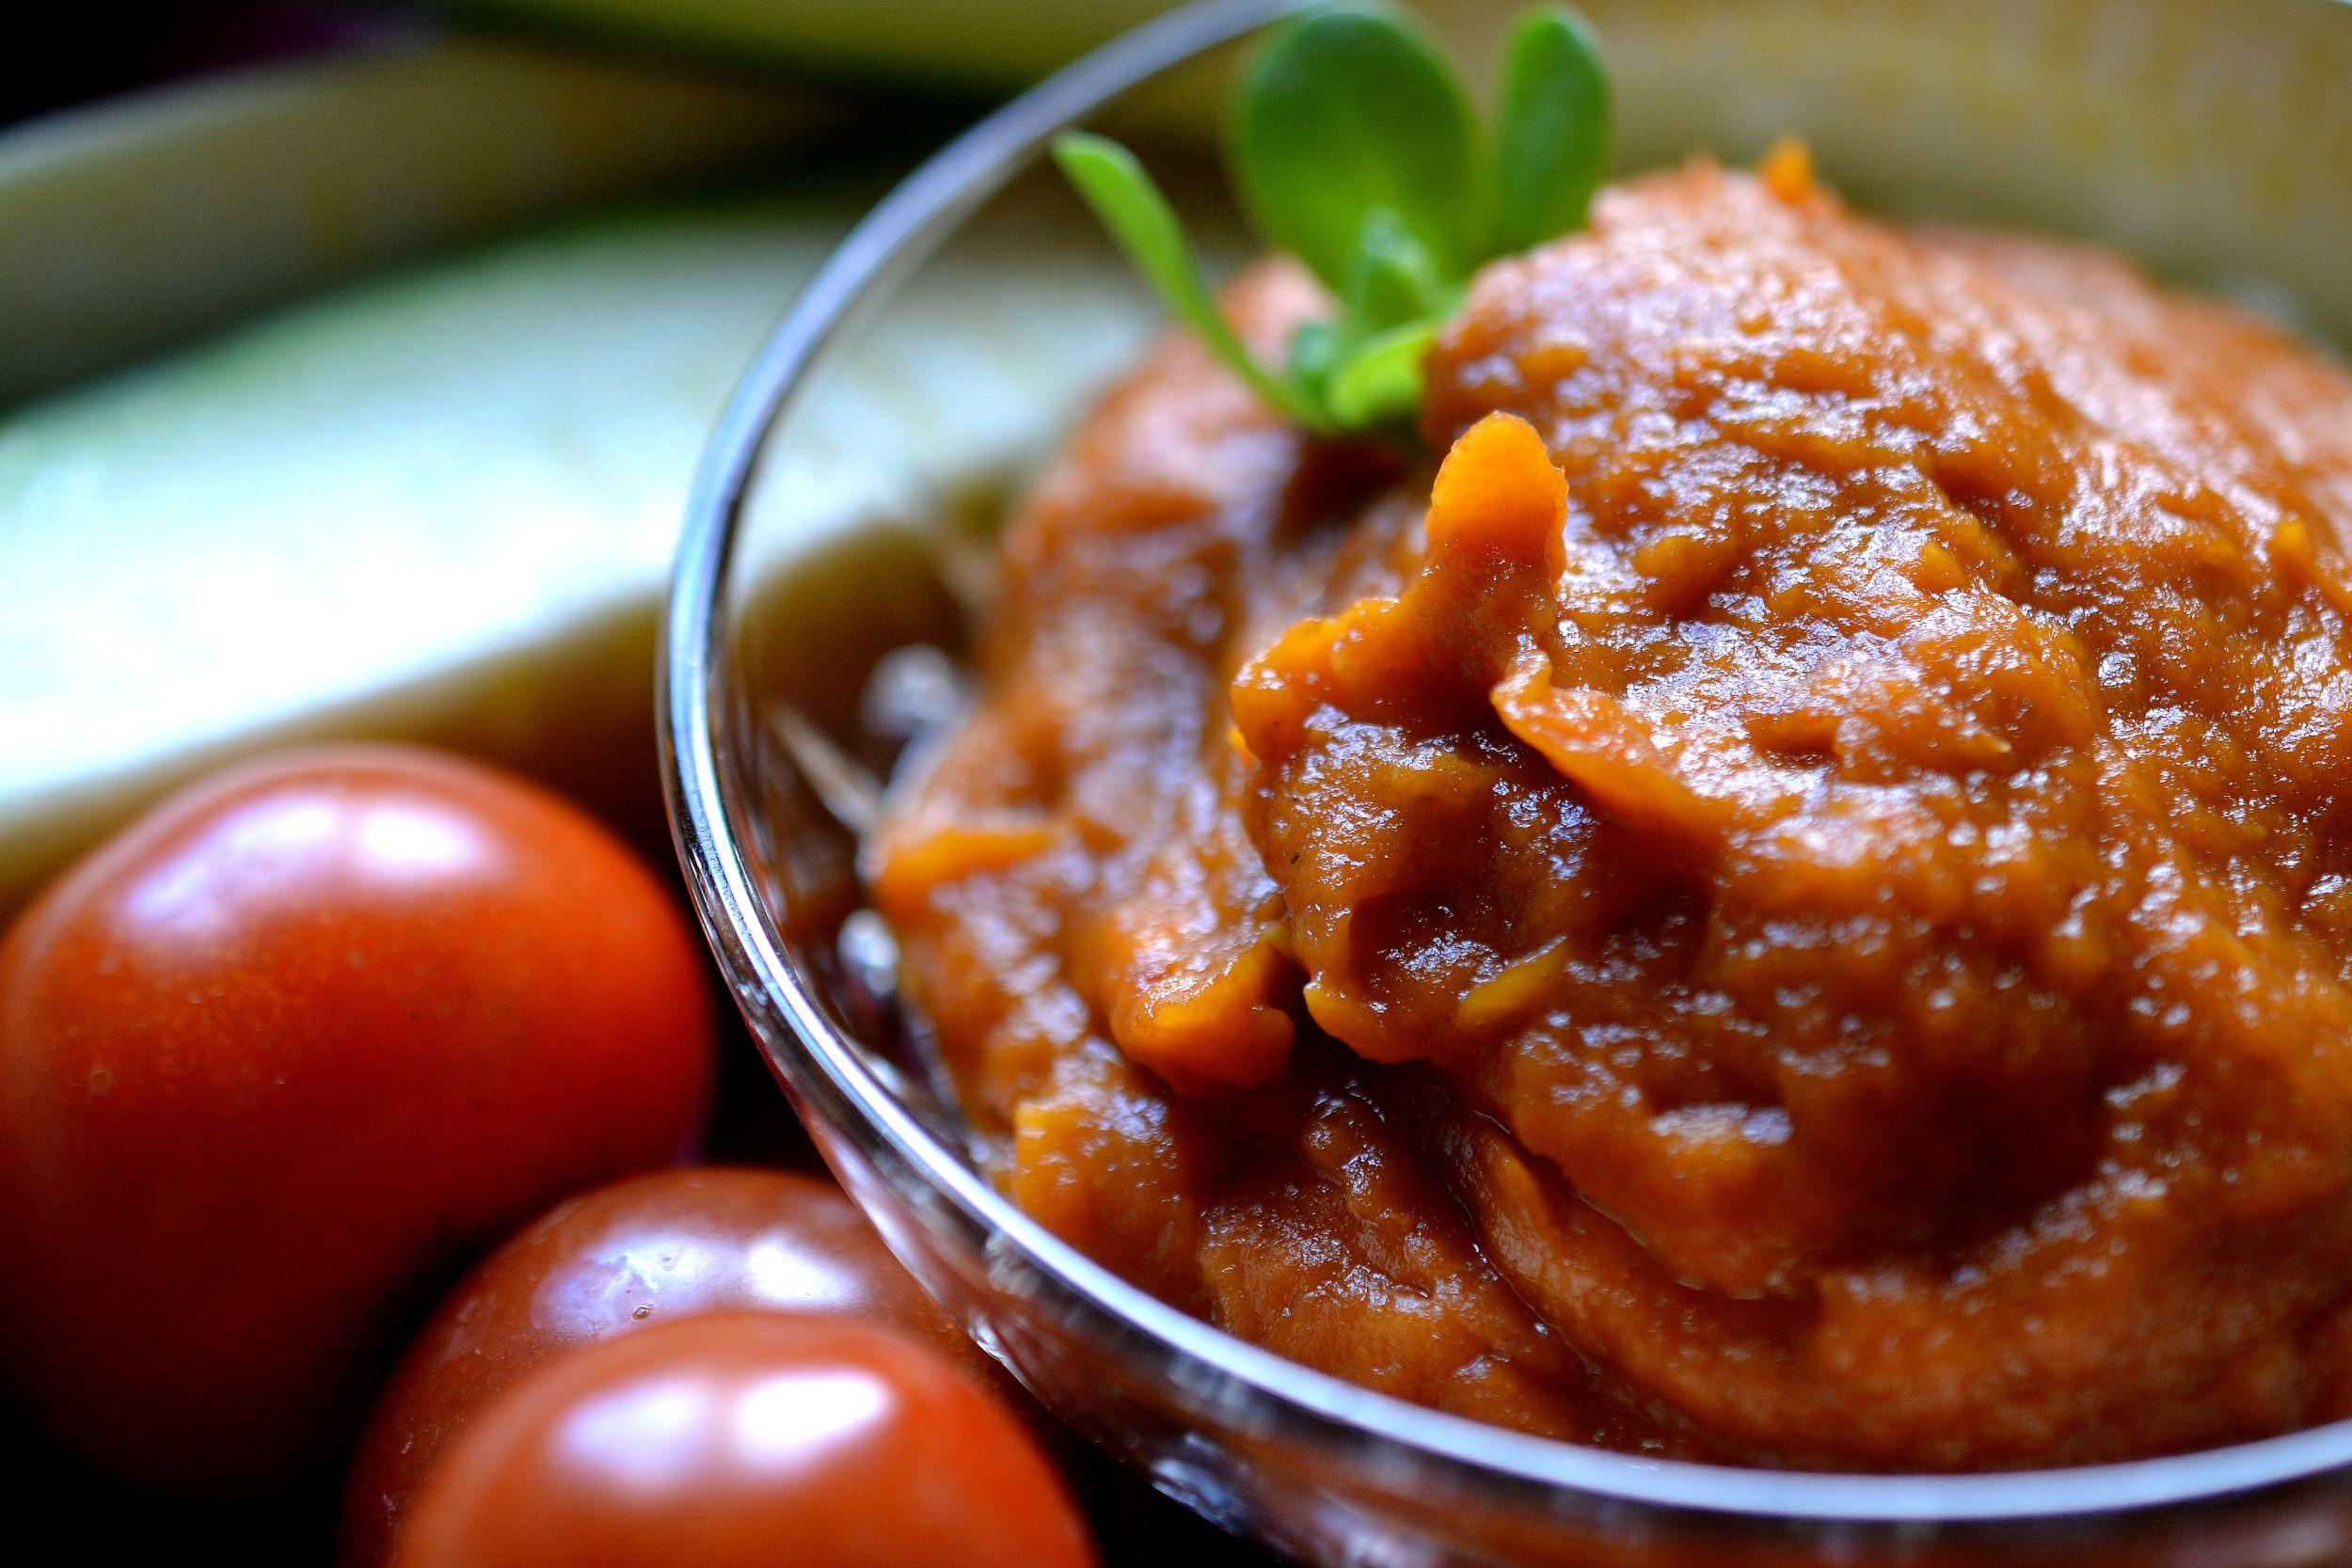 En tegelfärgad röra ligger i en liten glasskål, omgiven av tomat och squash.